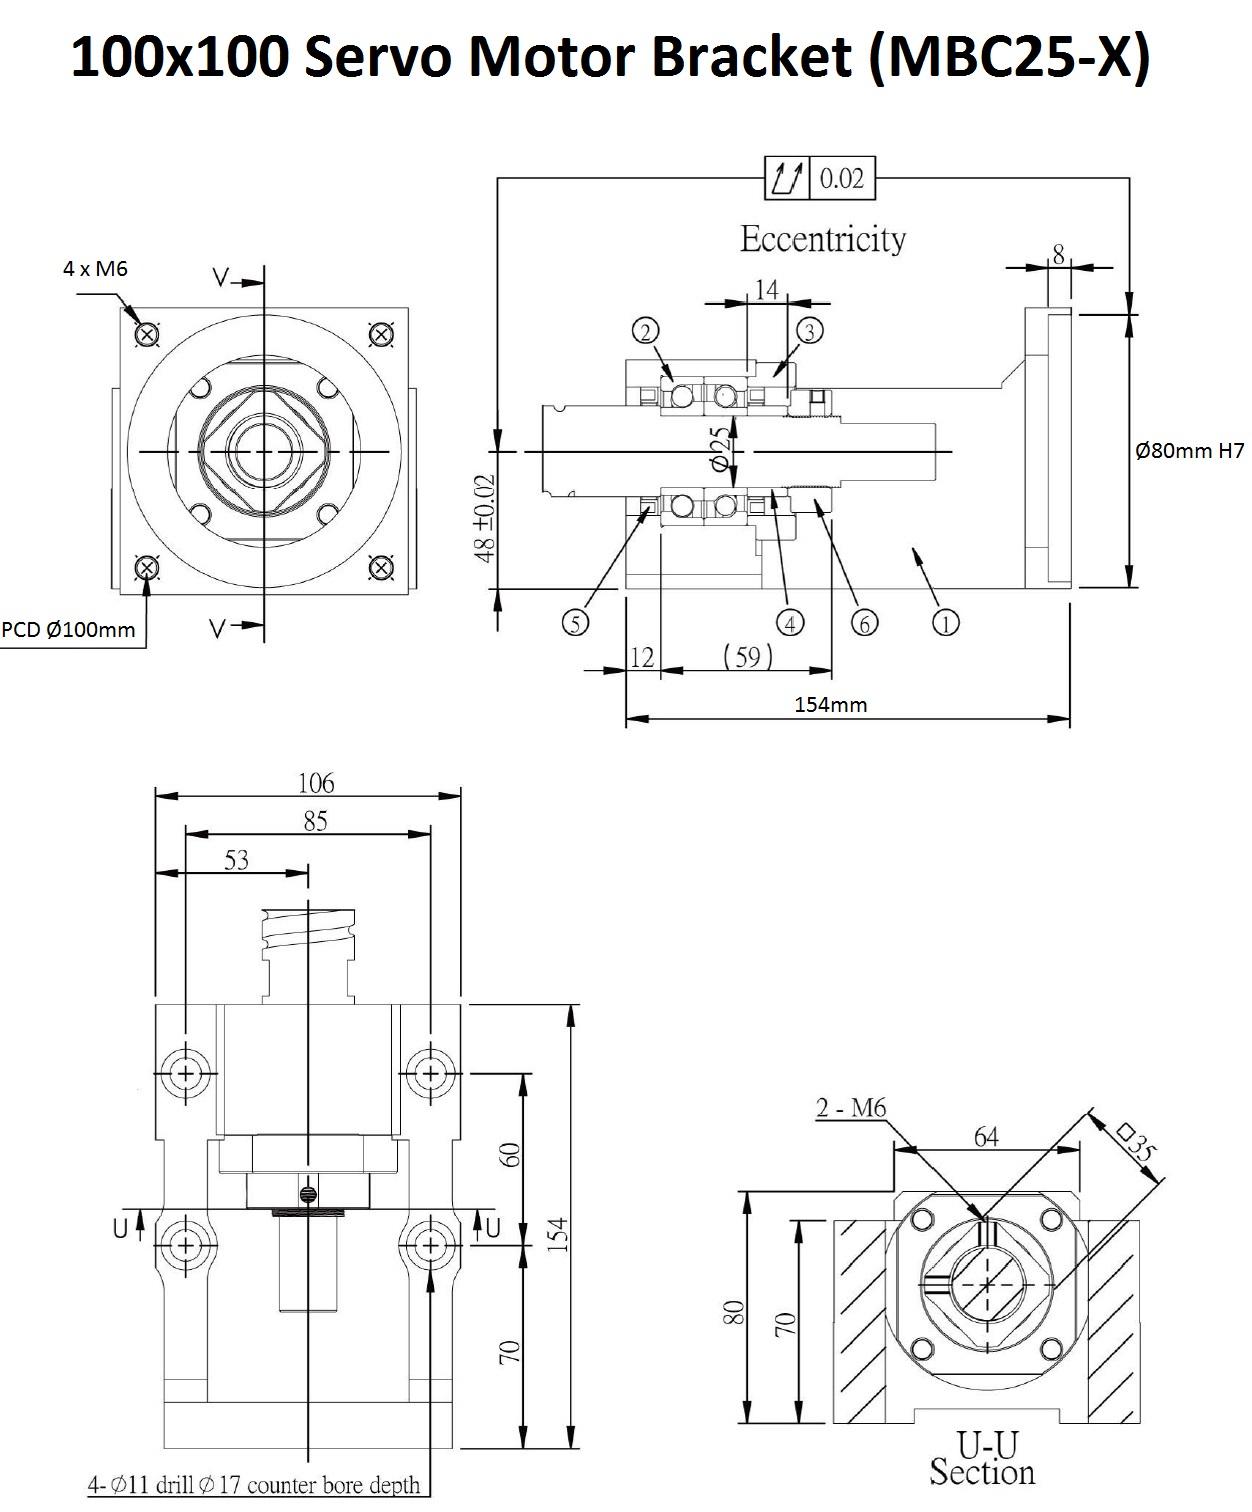 43855 100x100 servo motor bracket mbc25x 2d dimensions